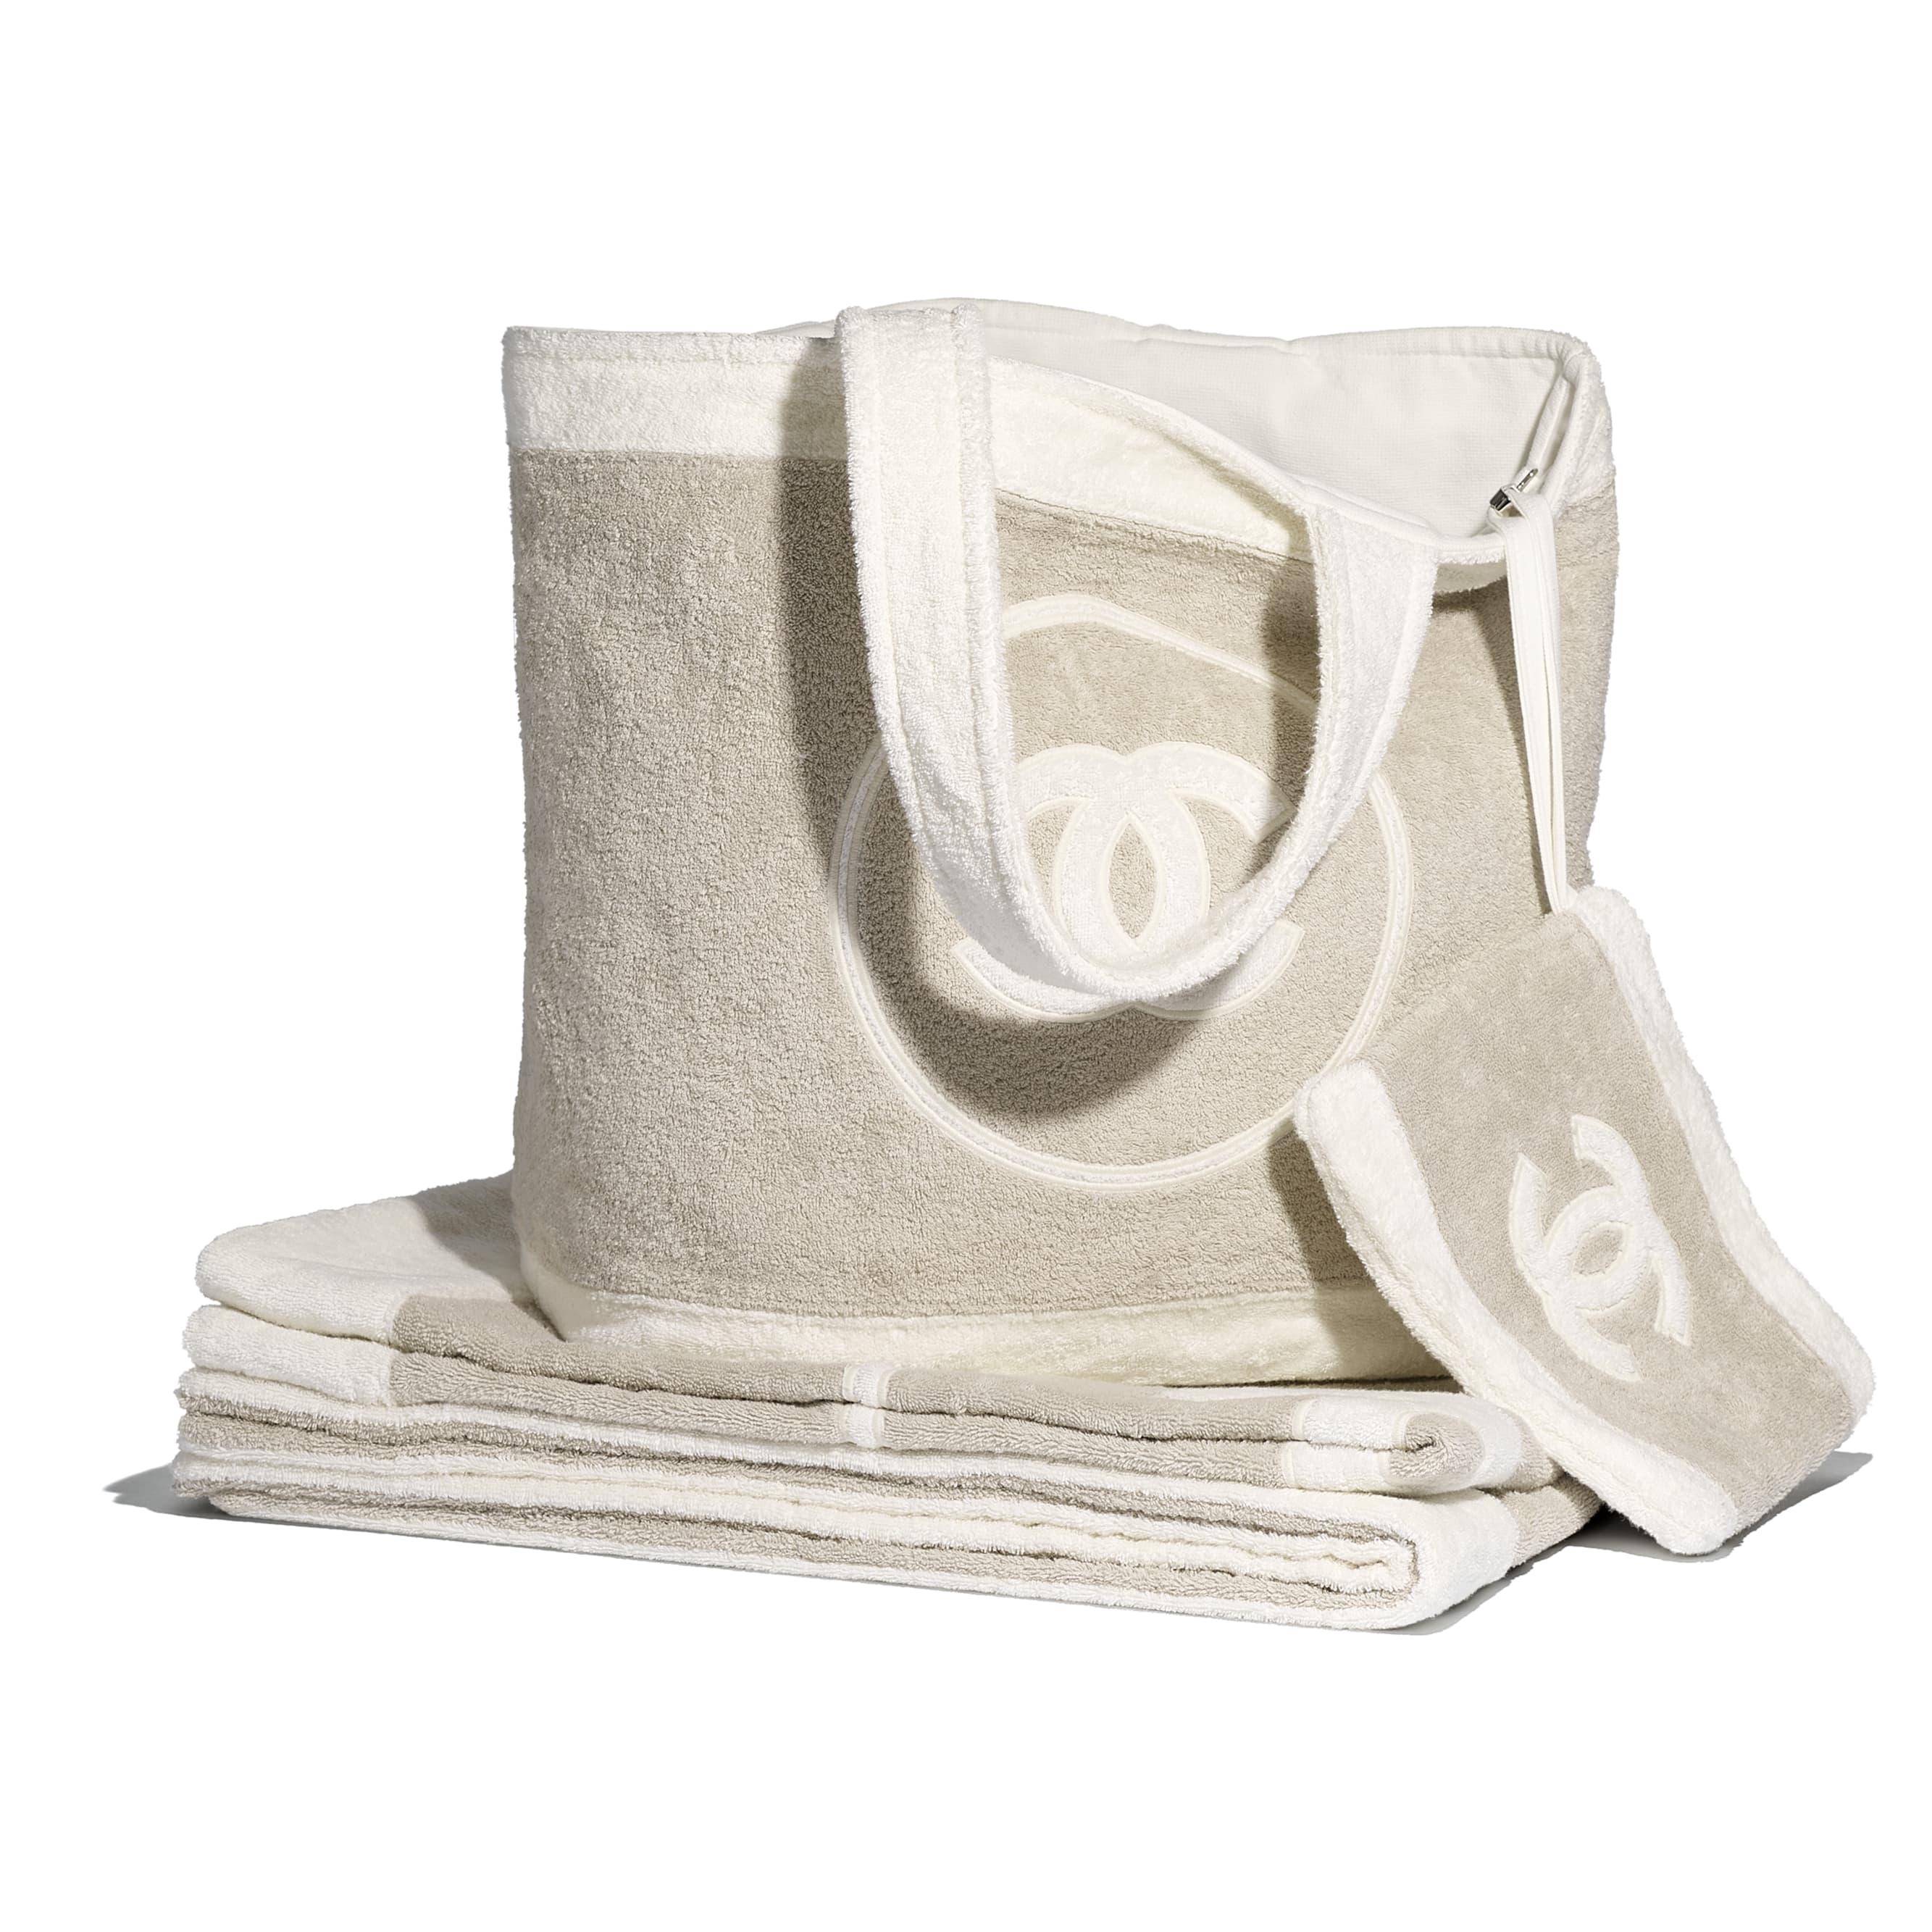 Beachwear Set - Beige & White - Cotton - CHANEL - Default view - see standard sized version